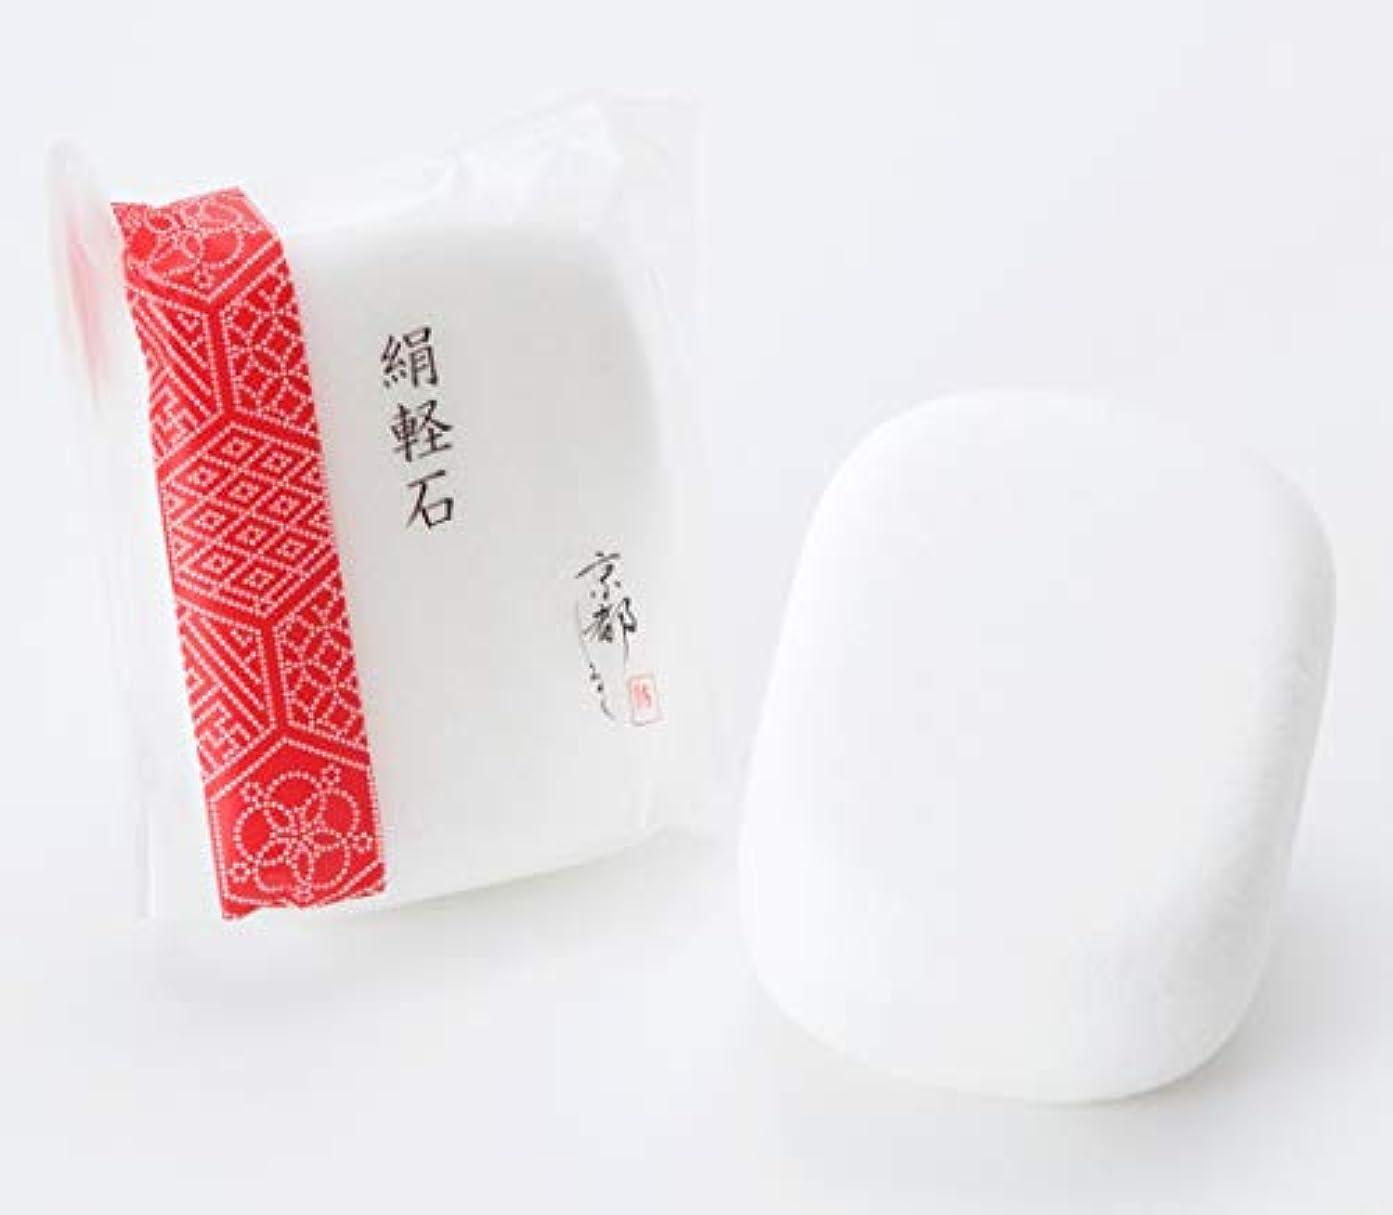 輝度高めるアプローチ京都しるく シルクの軽石 2個セット【保湿成分シルクパウダー配合】/かかとの角質を落としてツルツル素足に 絹軽石 かかとキレイ かかとつるつる